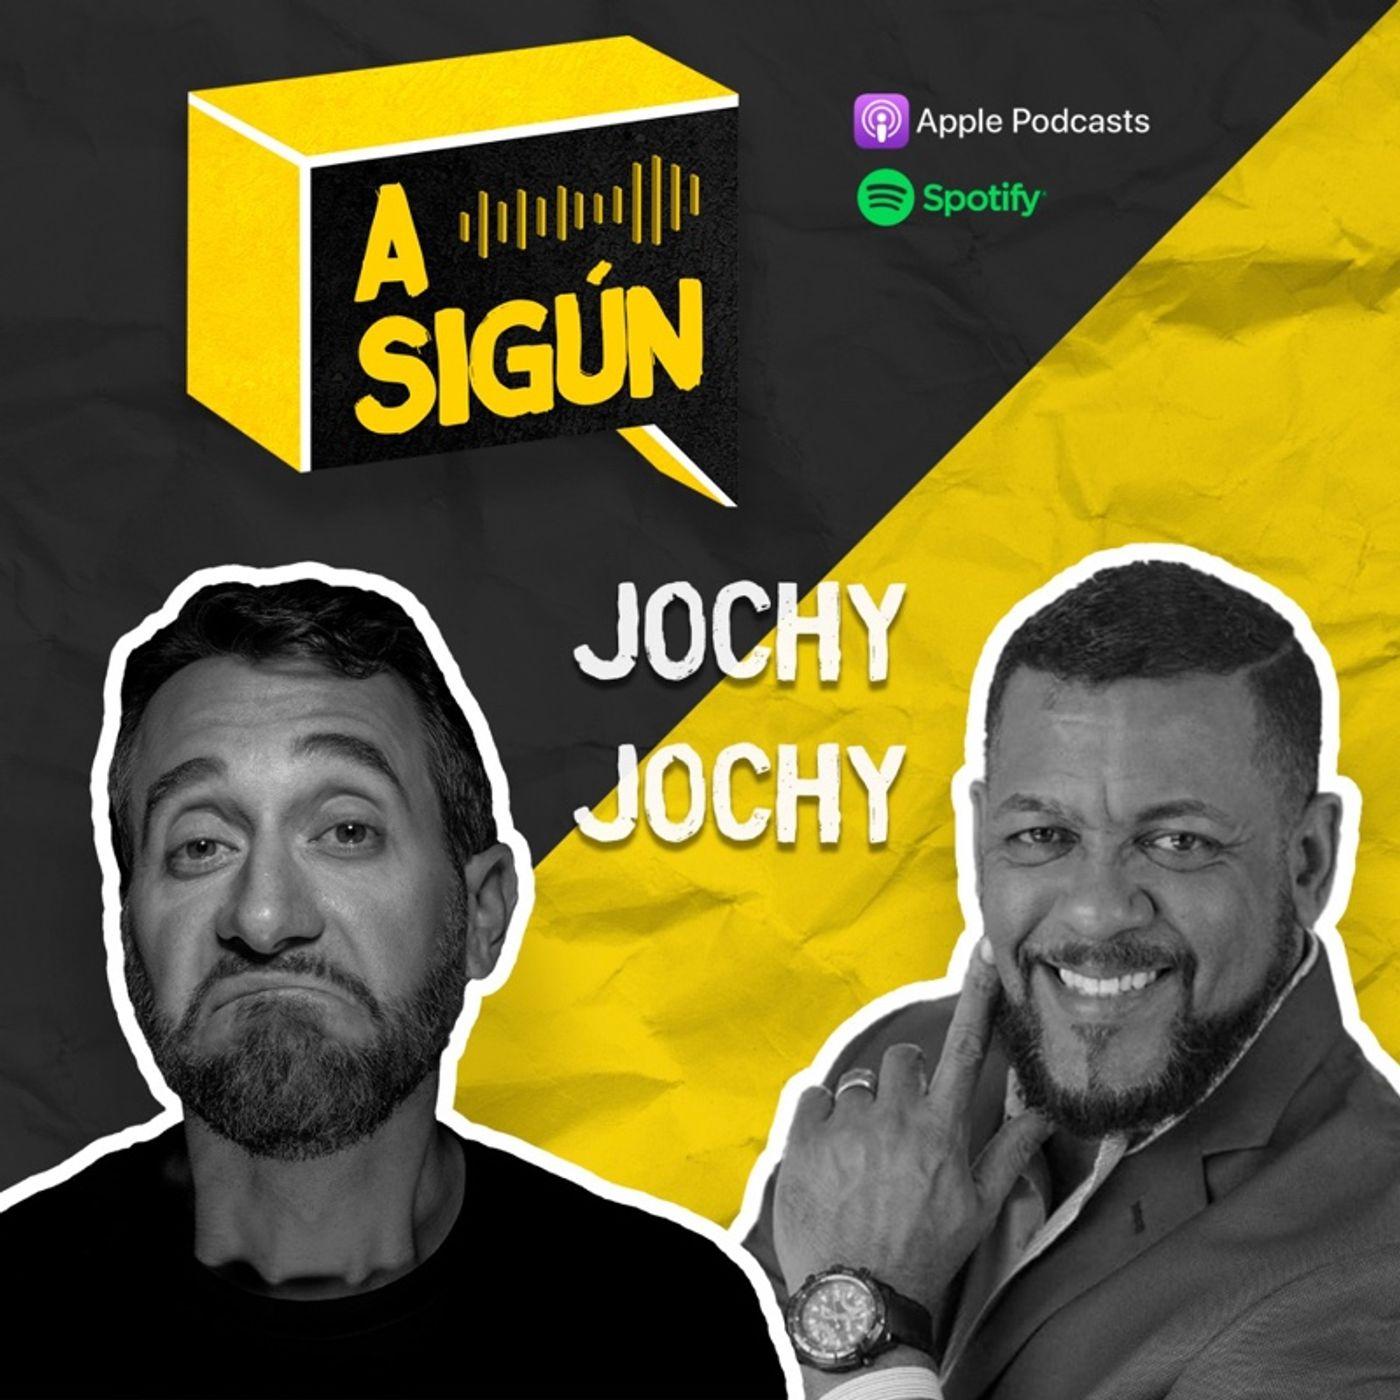 007.A SIGÚN: Jochy Jochy